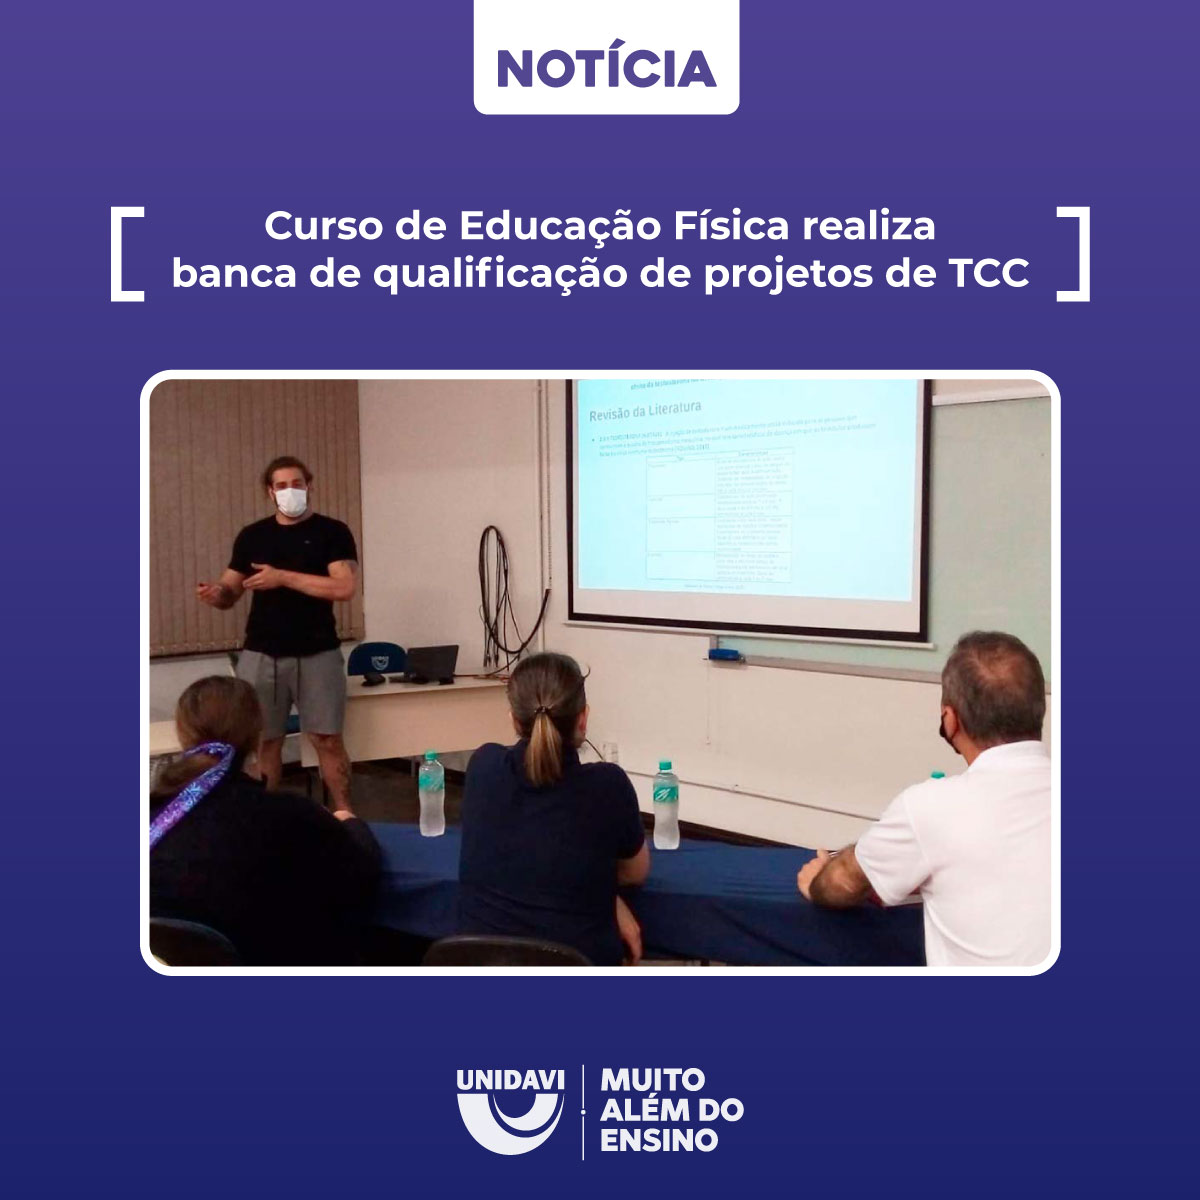 Curso de Educação Física realiza banca de qualificação de projetos de TCC